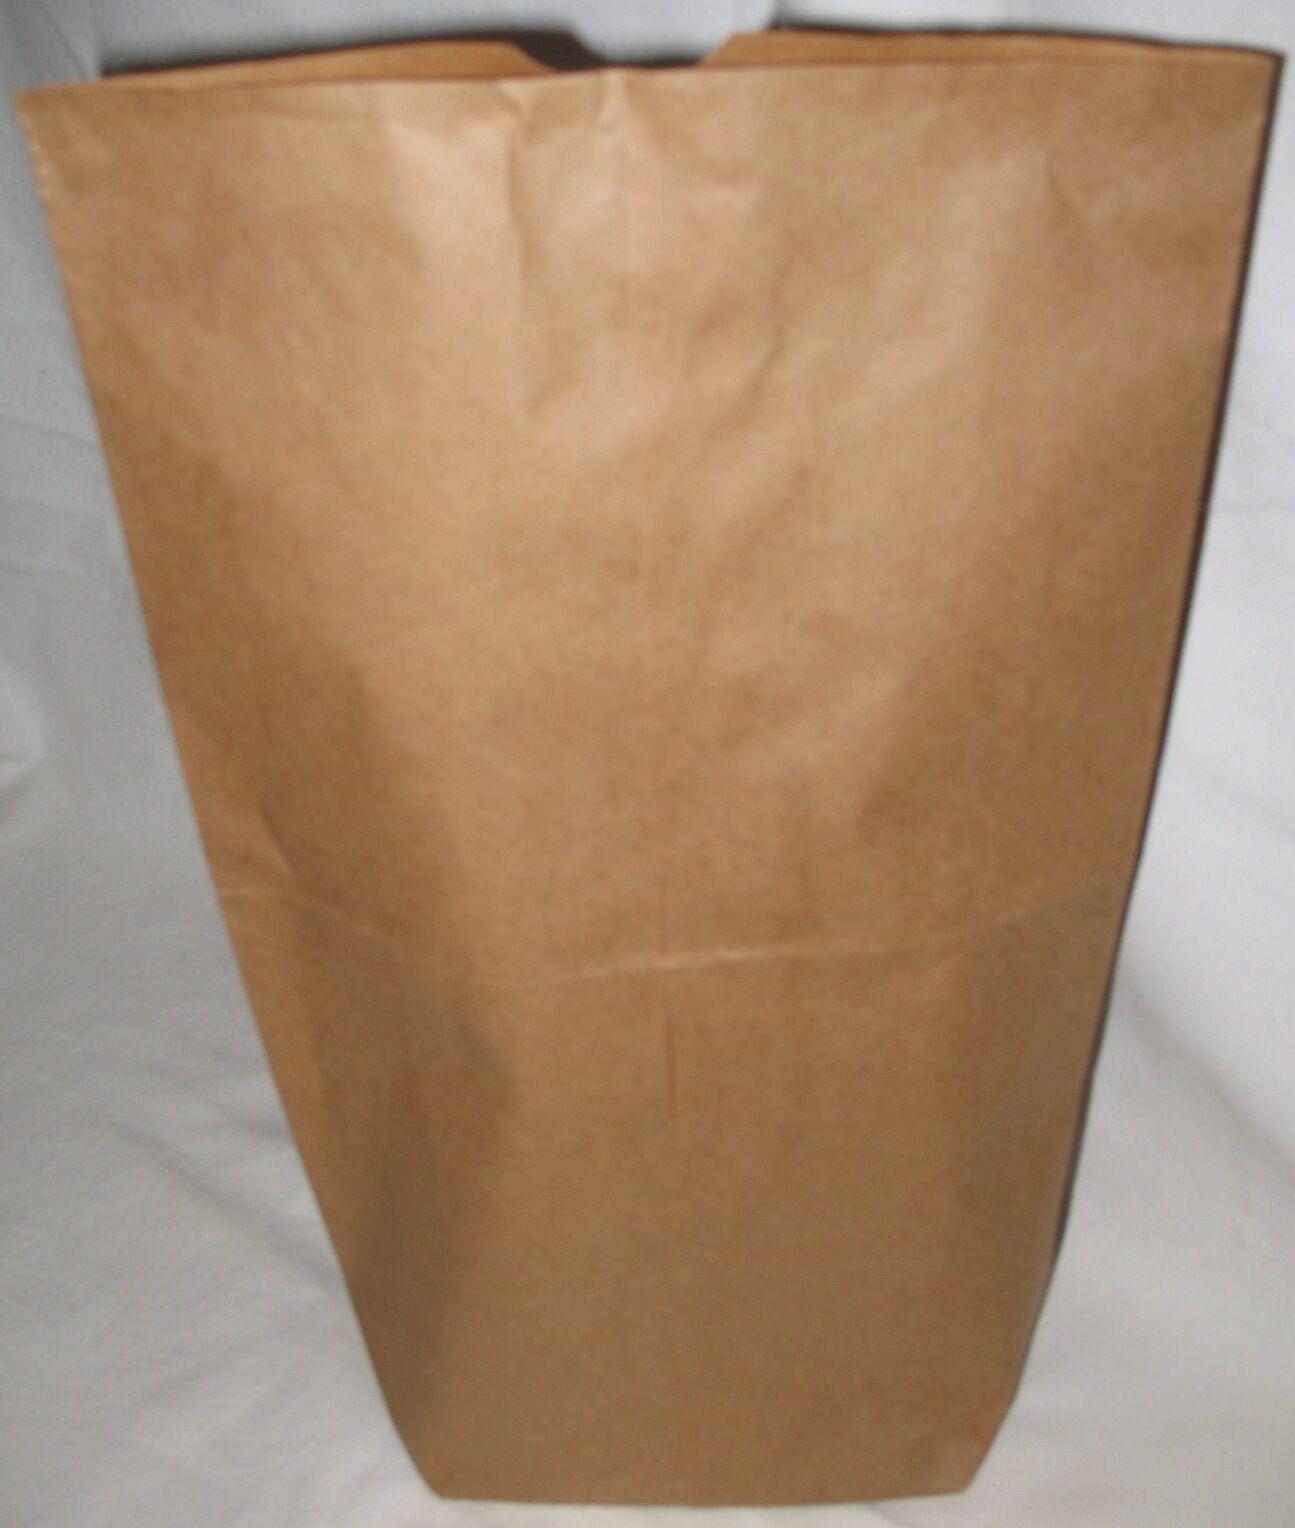 200 croix sol sachet sachets papier sac papier sol sachet 20kg-420x630mm 1-lag